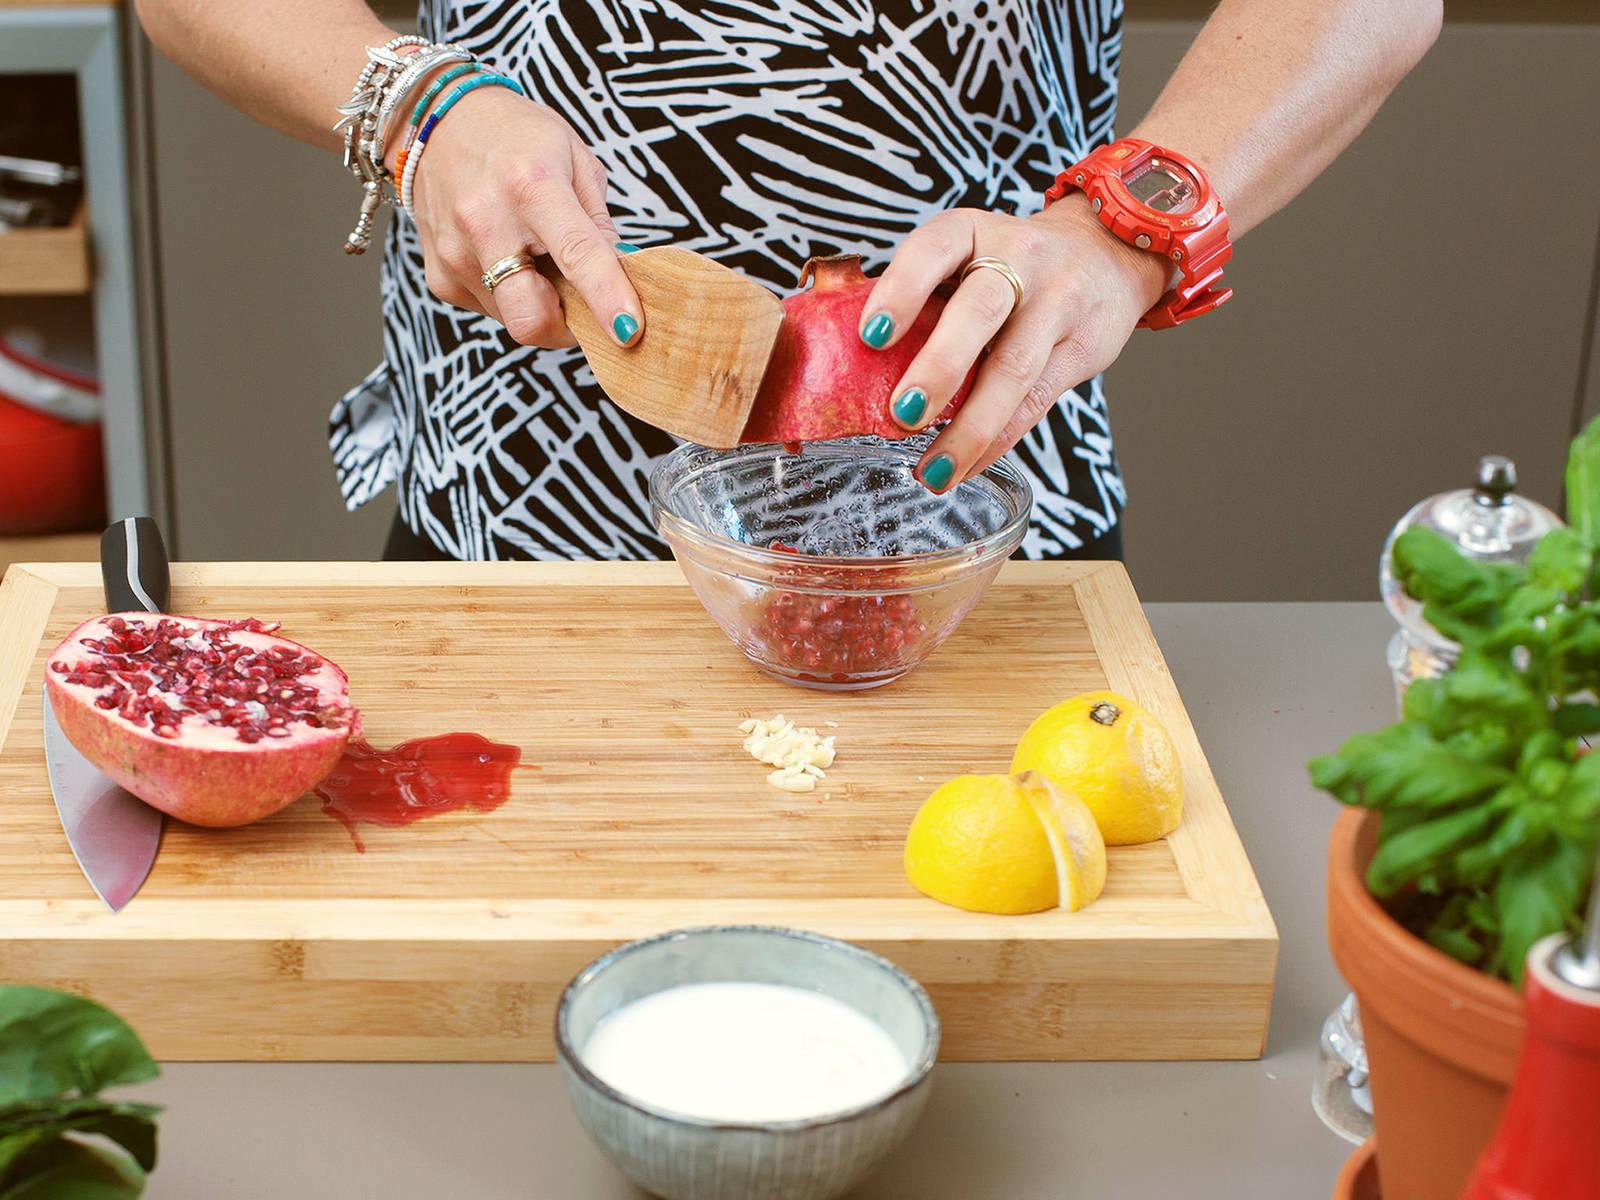 蒜切碎,柠檬切成4半,石榴切半,取出石榴籽。